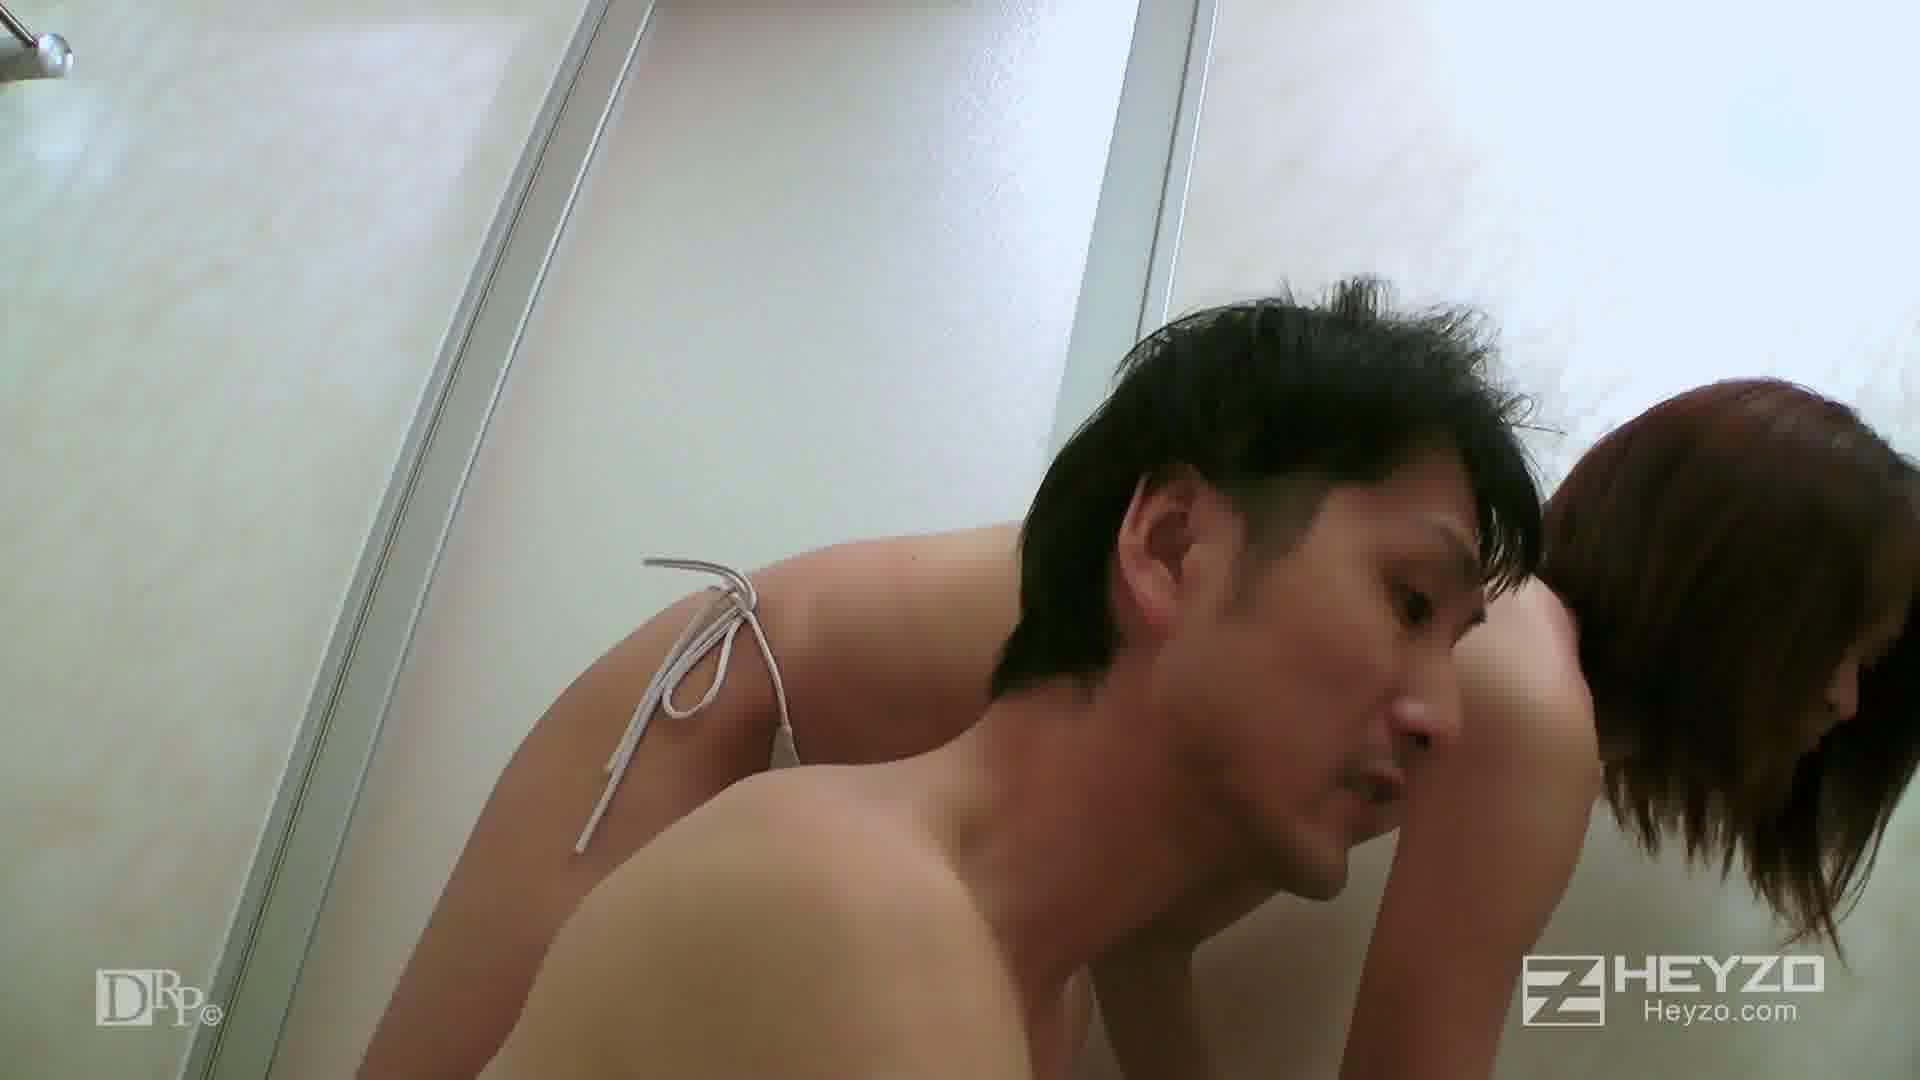 出張メイドの裏メニュー - 沢田ゆかり【入浴】